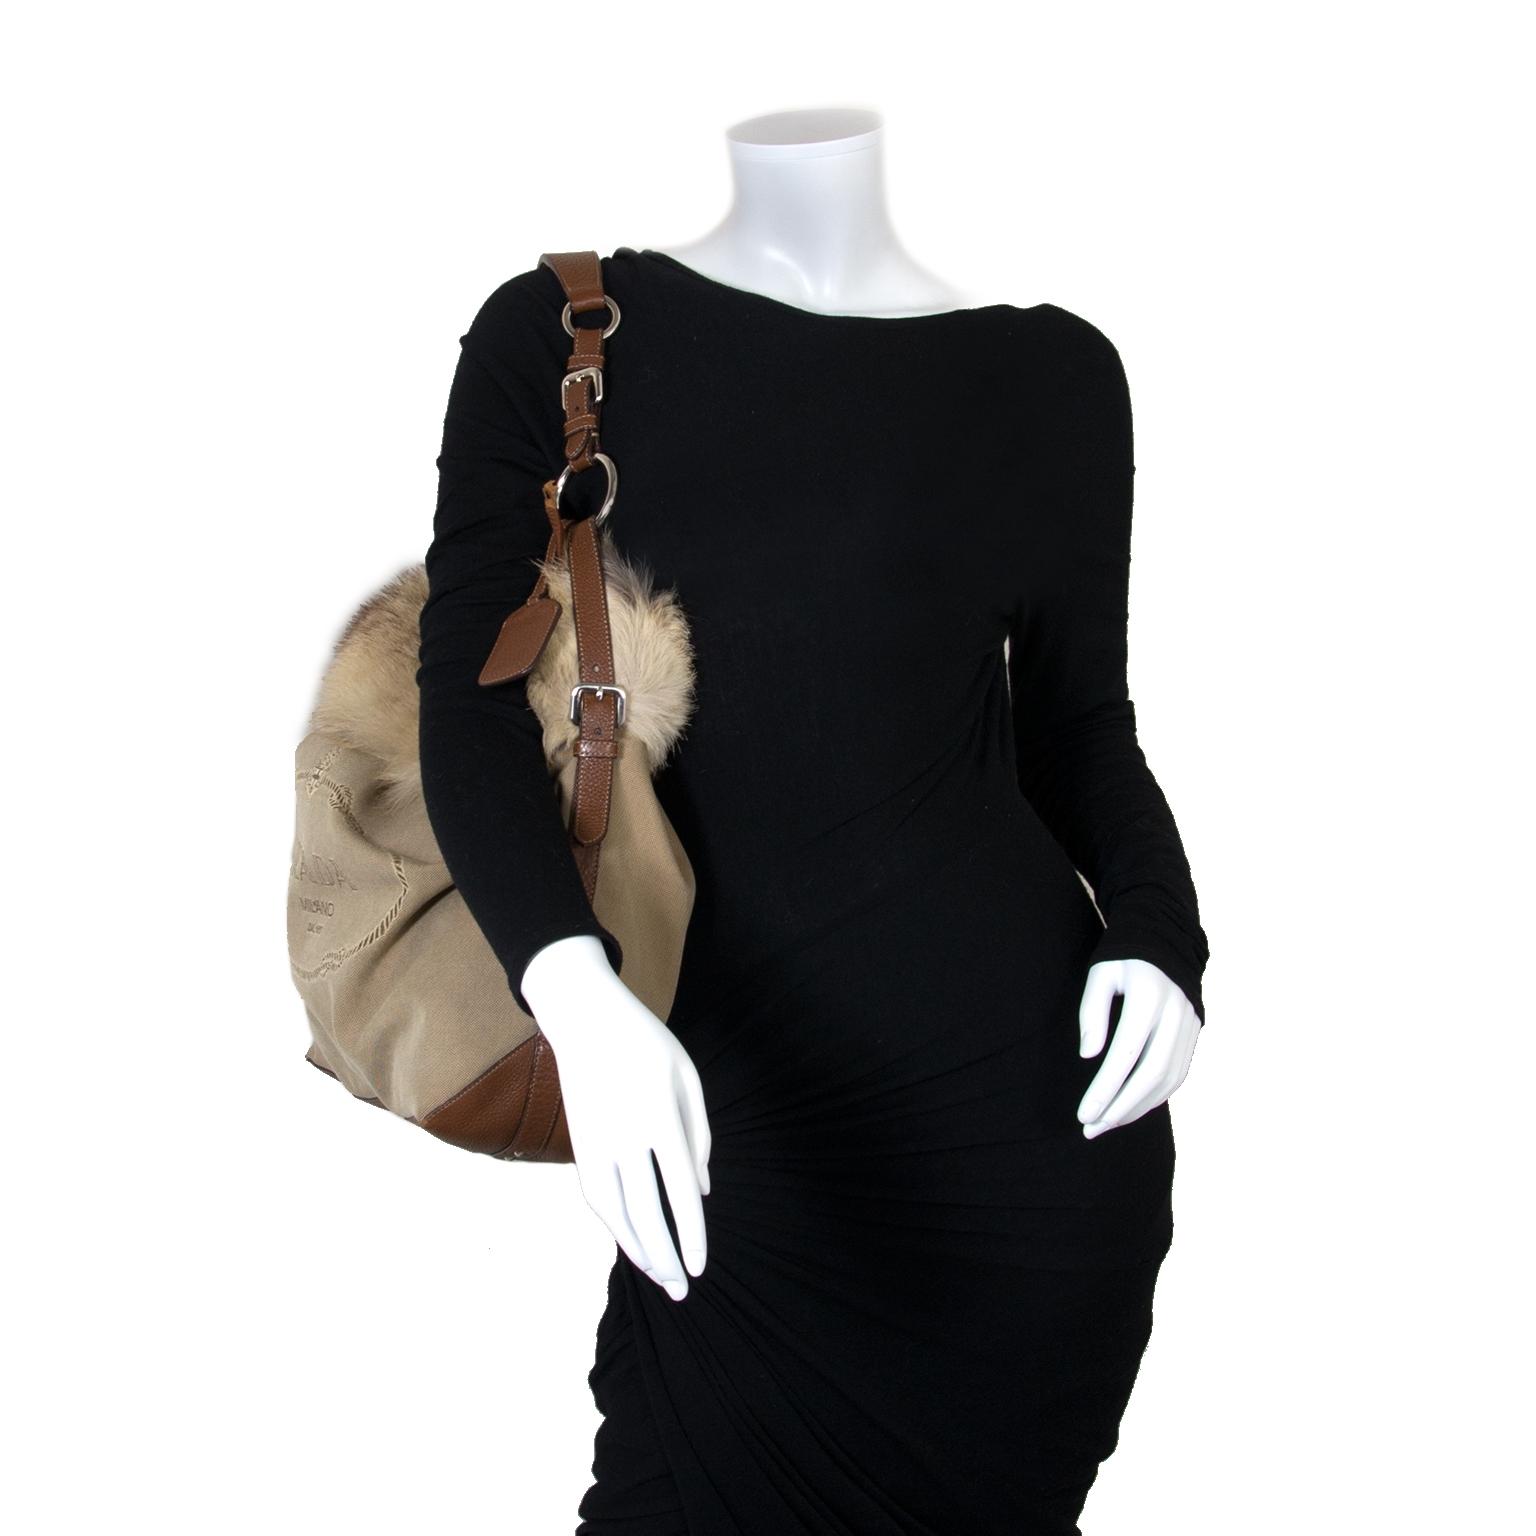 Koop uw authentieke Prada Logo Jacquard and Fur Leather Bag aan de beste prijs bij Labellov